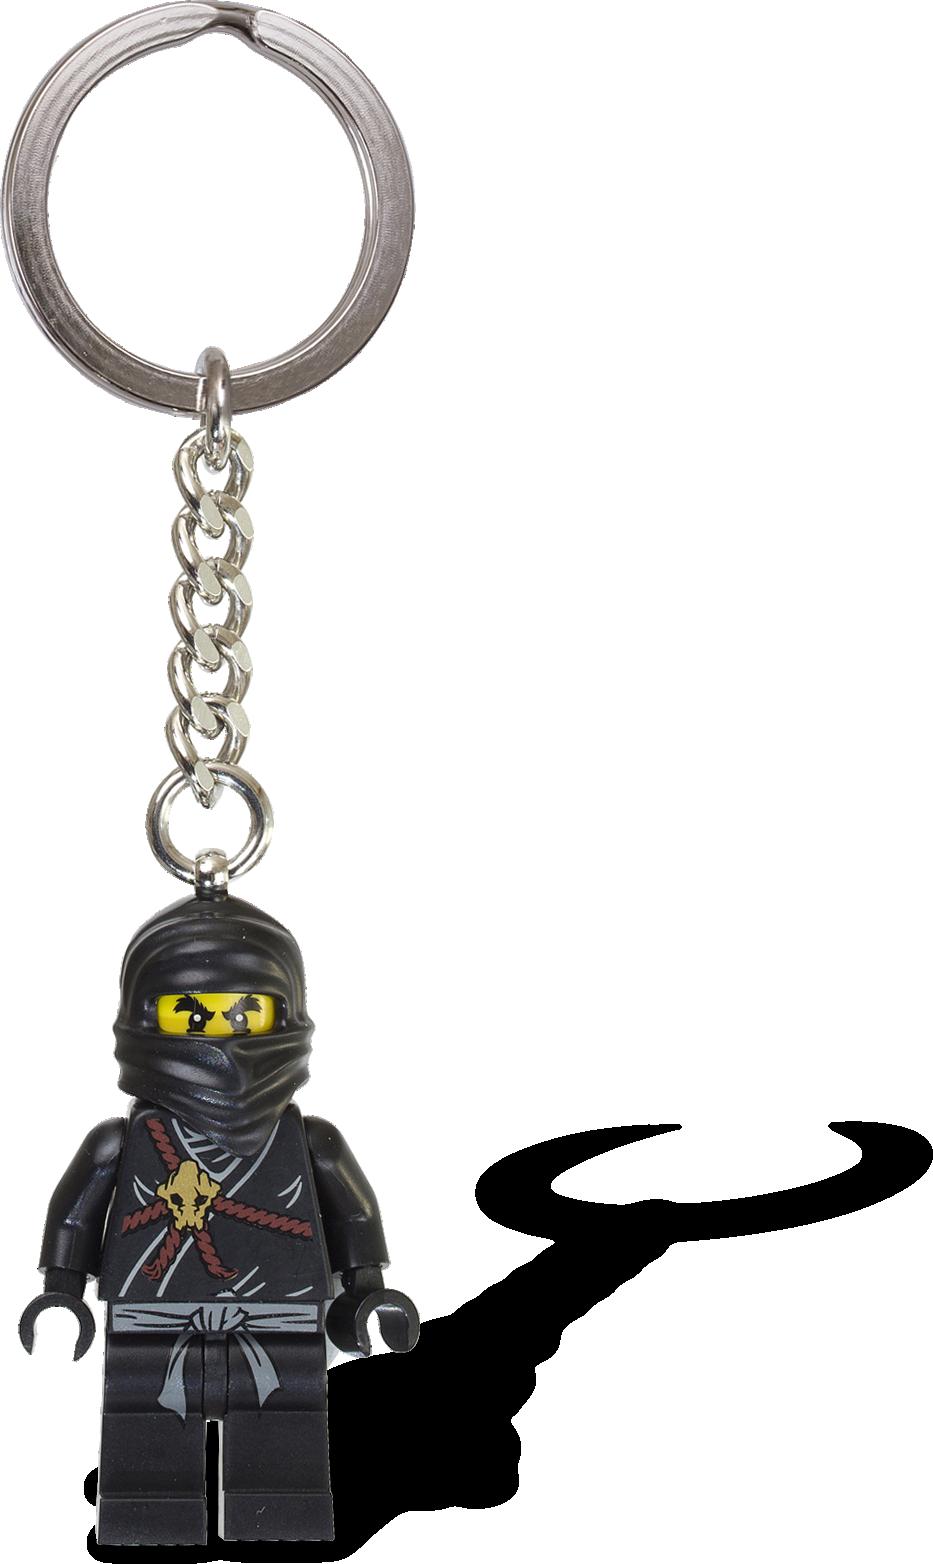 Cole Key Chain